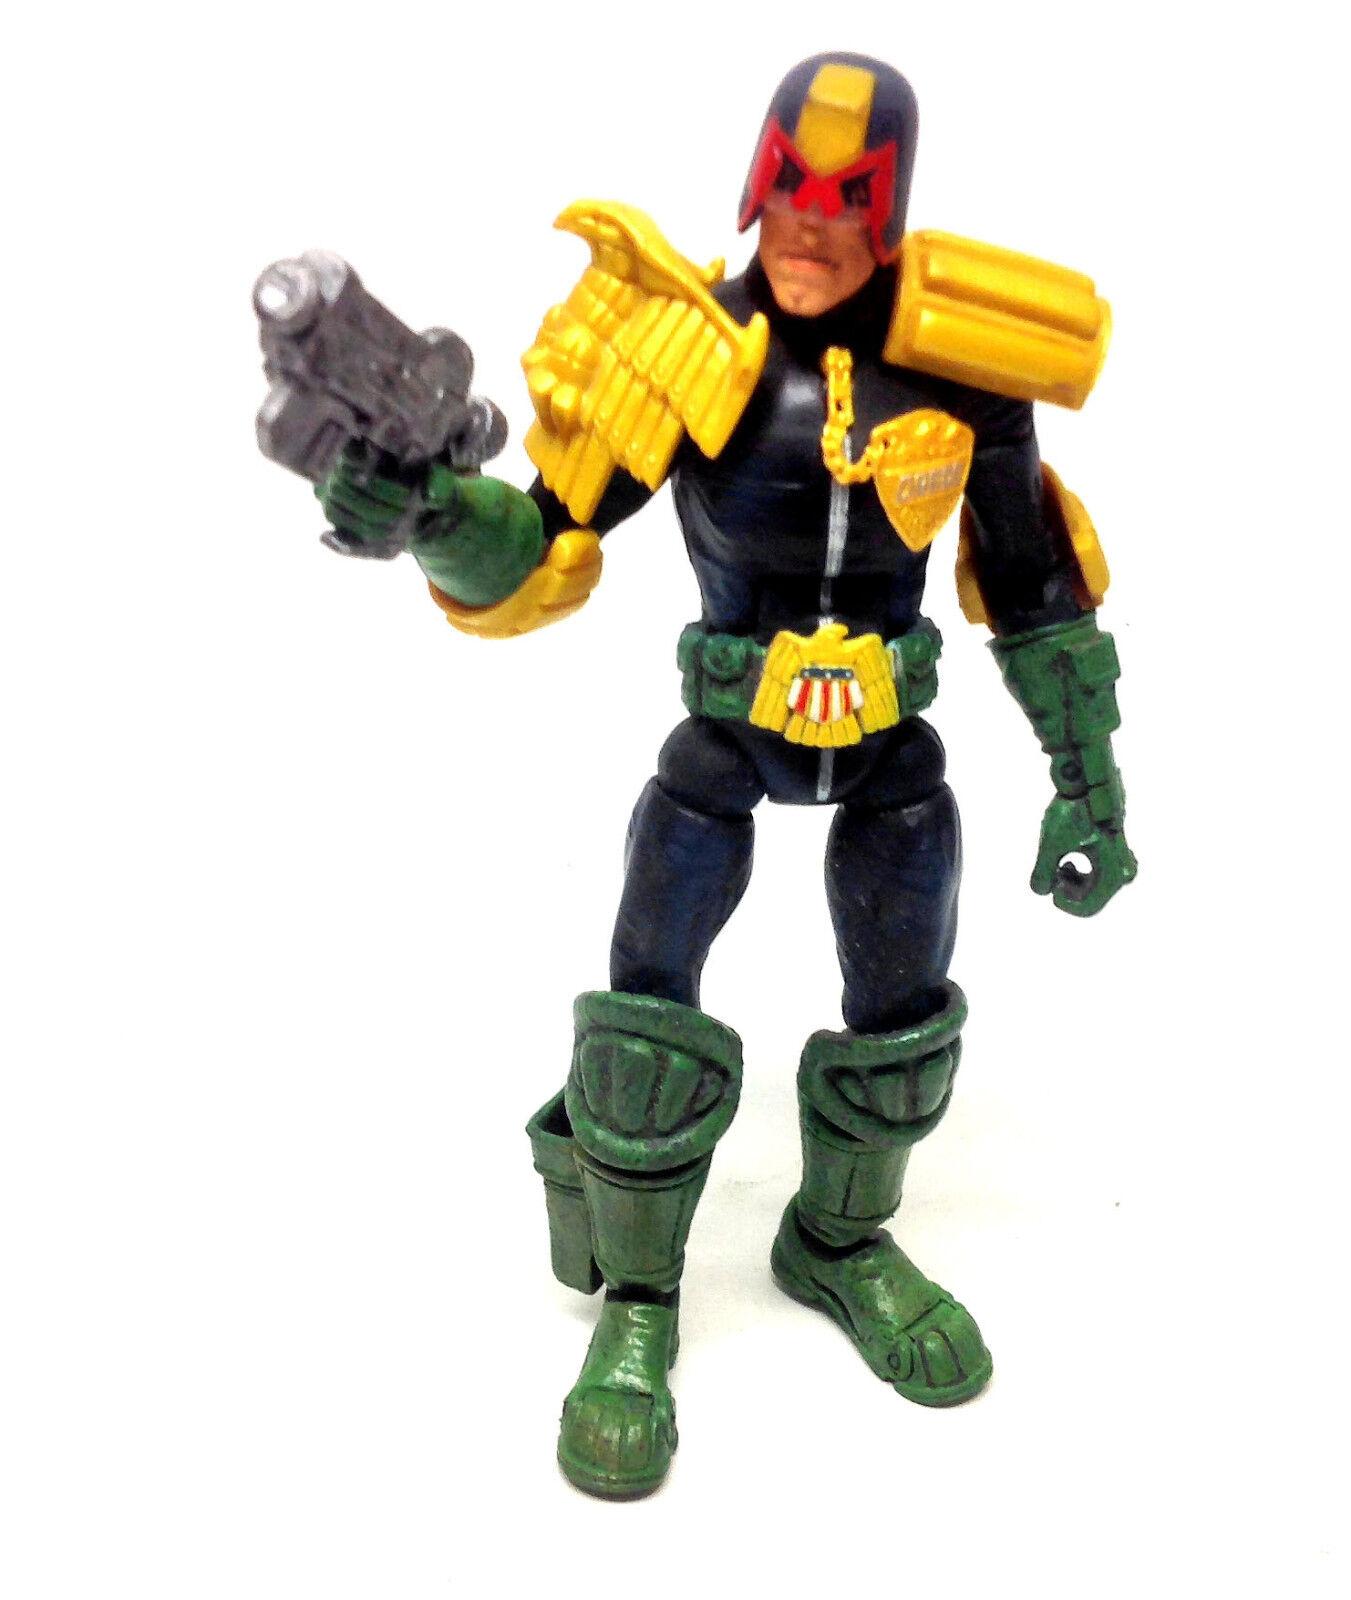 Héros légendaires 2000AD comics Judge Drouged 6   Action Figure Jouet avec pistolet, RARE  aucune hésitation! achetez maintenant!